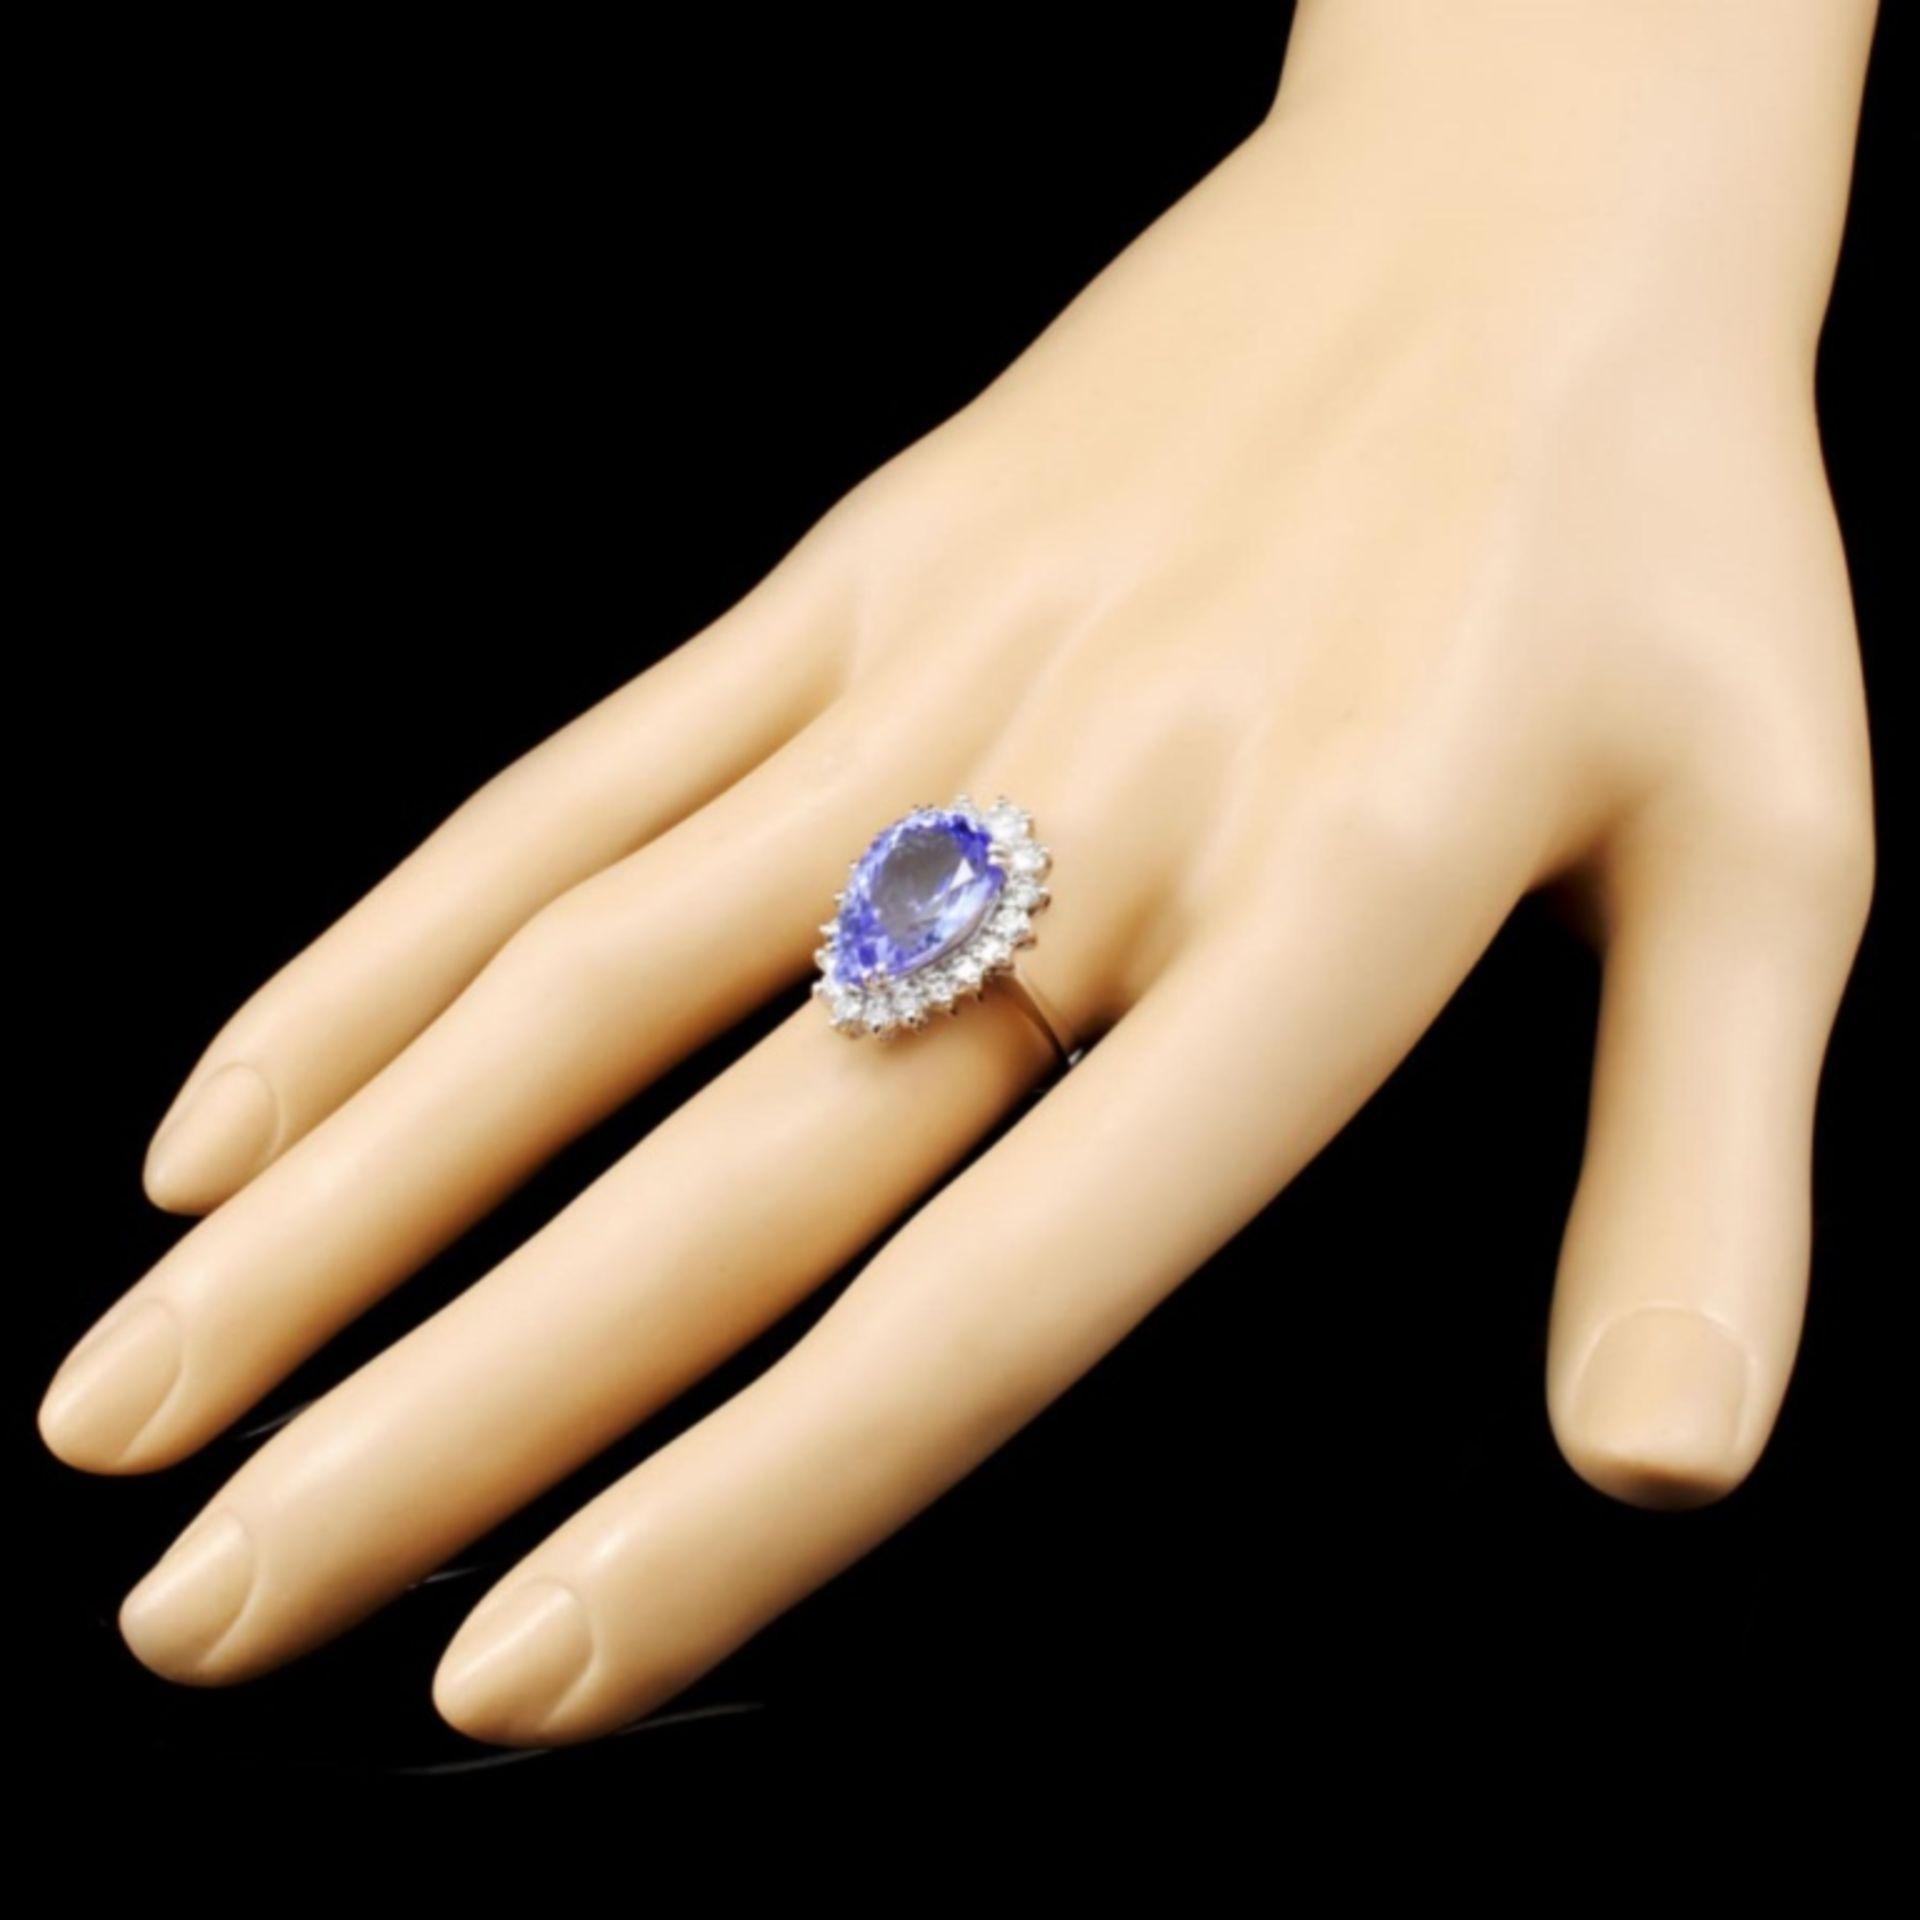 14K Gold 7.07ct Tanzanite & 1.01ctw Diamond Ring - Image 3 of 5